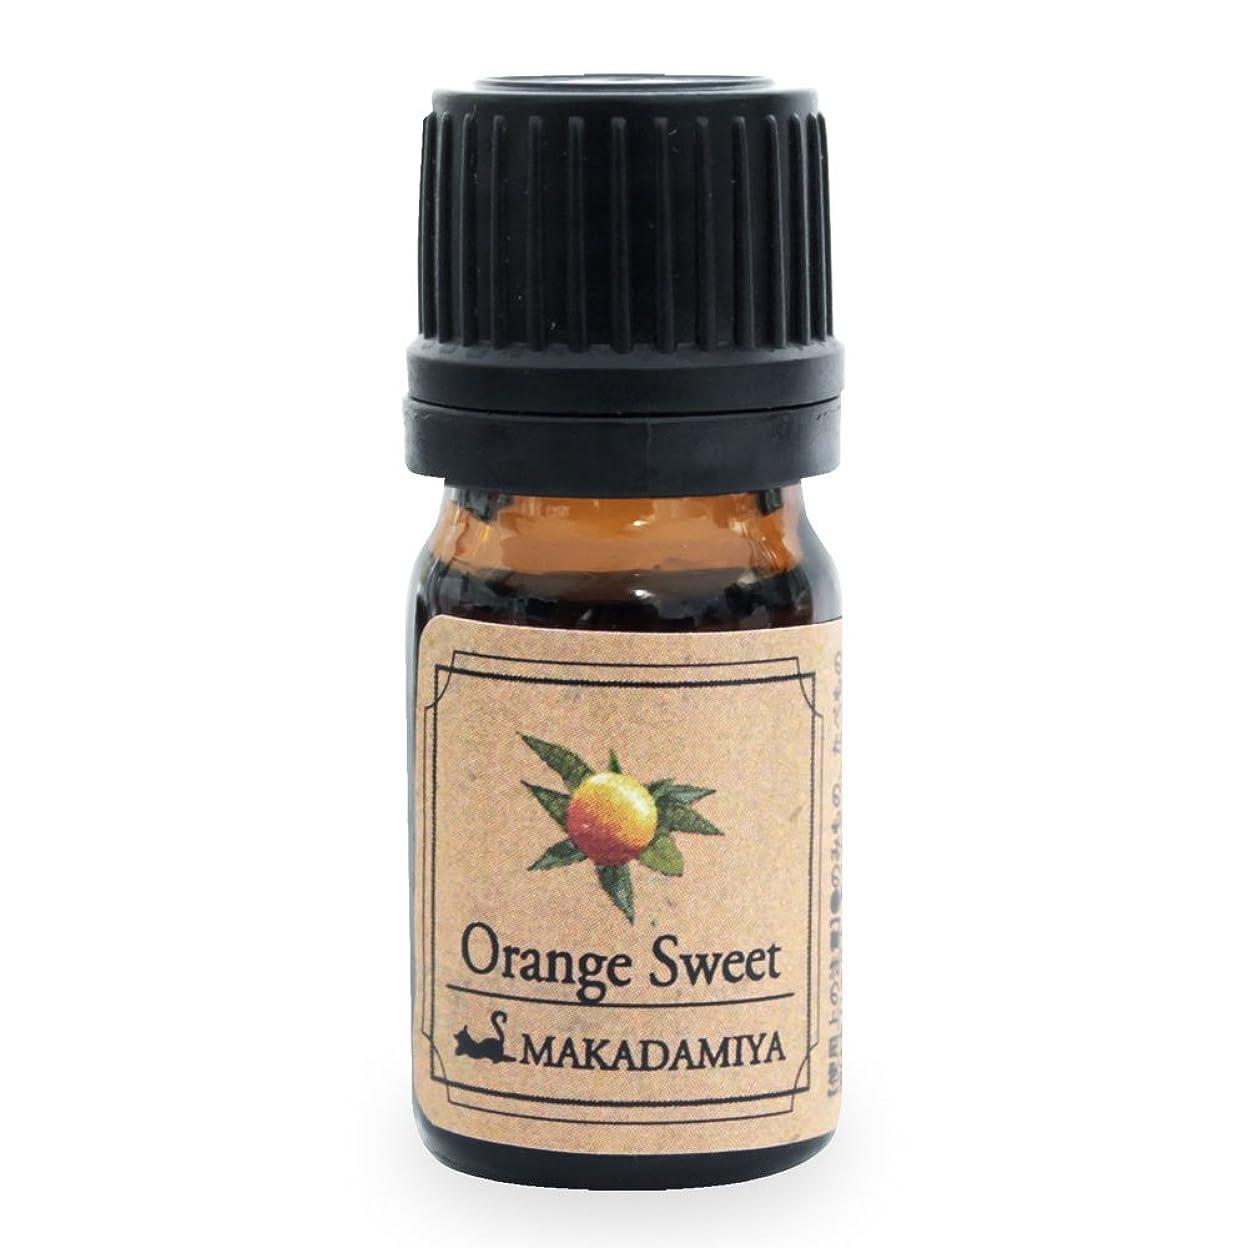 子豚植生九月オレンジ?スイート5ml 天然100%植物性 エッセンシャルオイル(精油) アロマオイル アロママッサージ aroma Orange Sweet